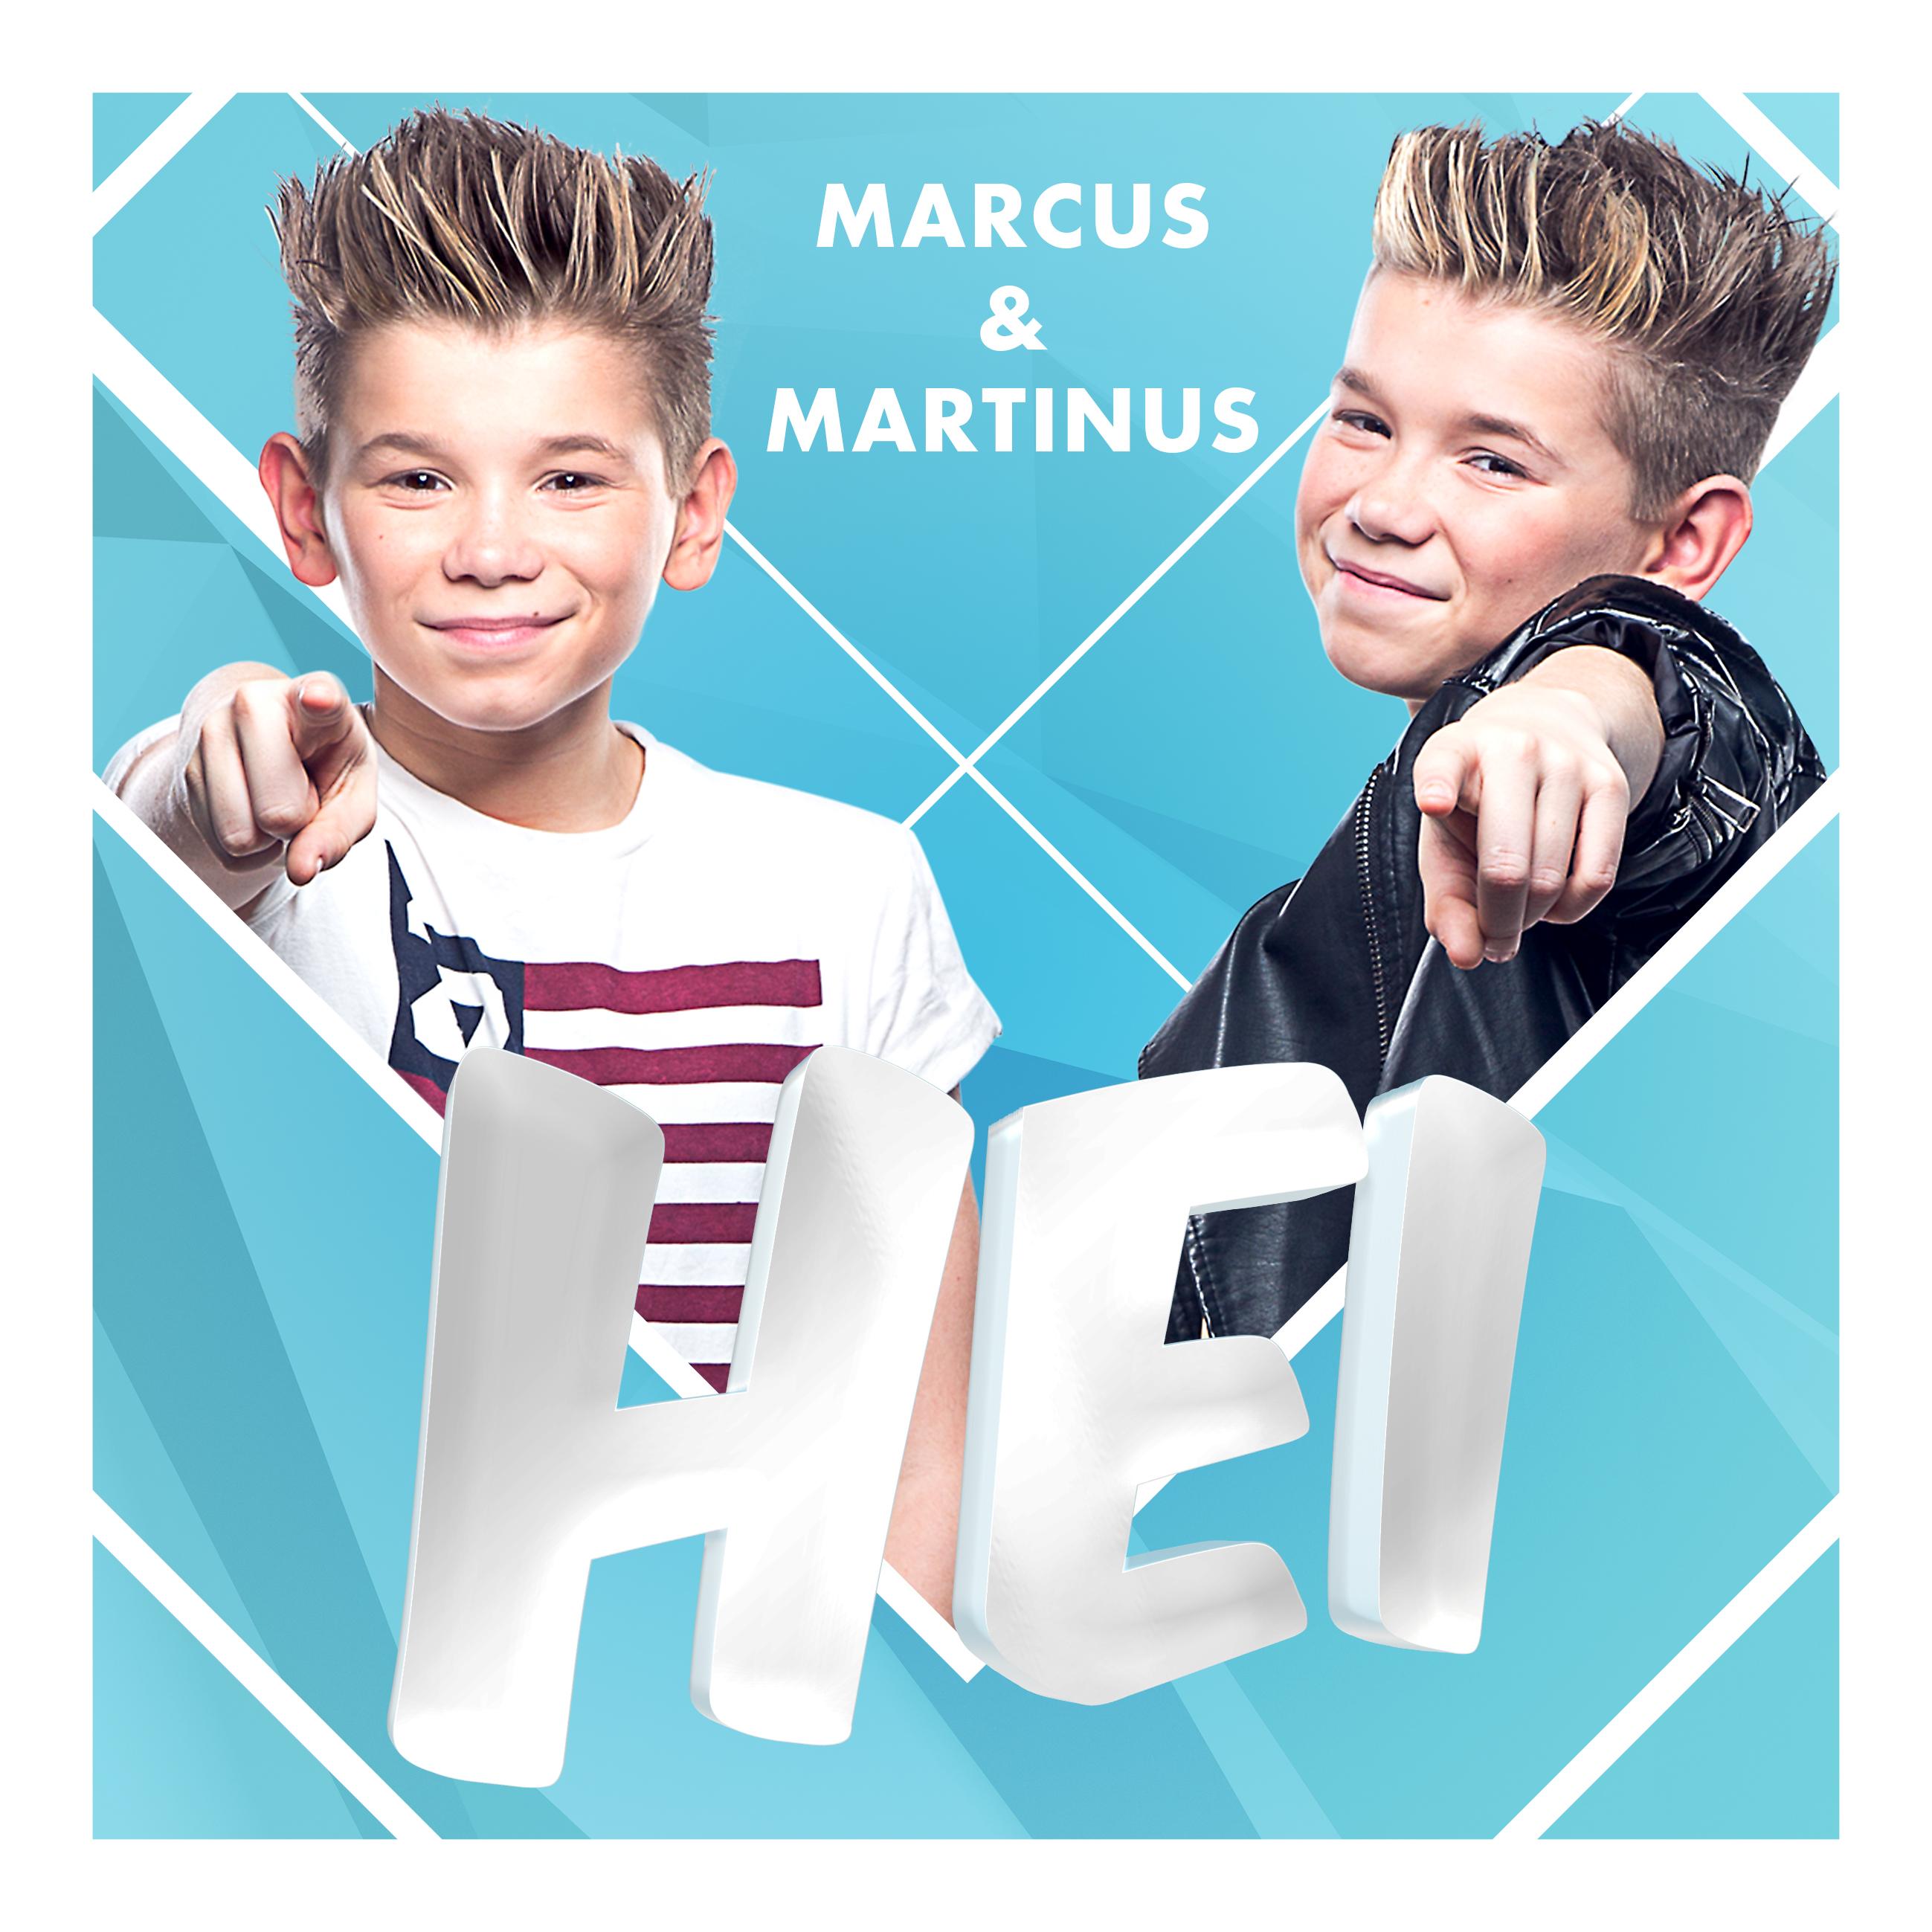 markus og martinus sine sager